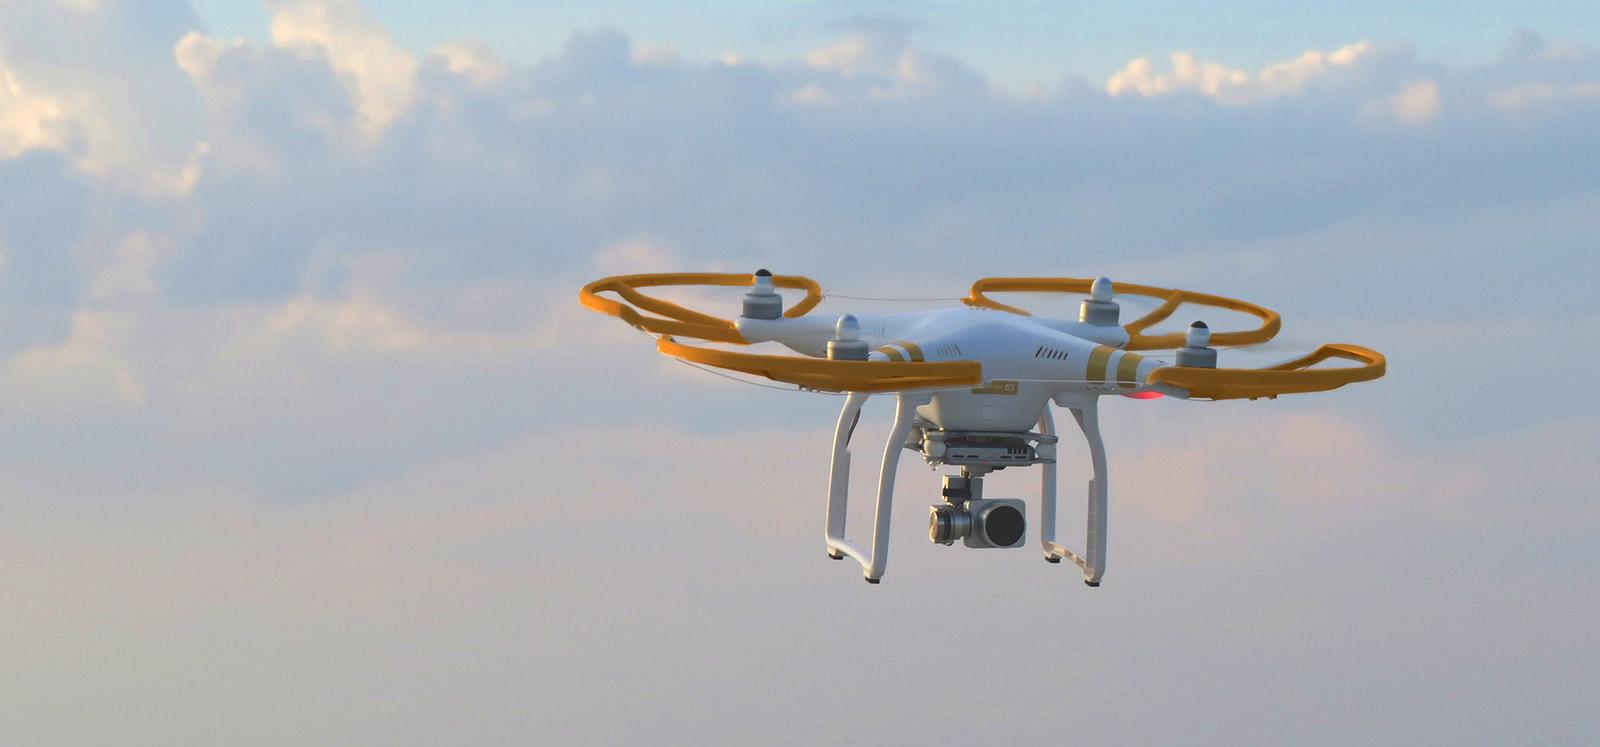 kit-drone-protectores-comprar-drones